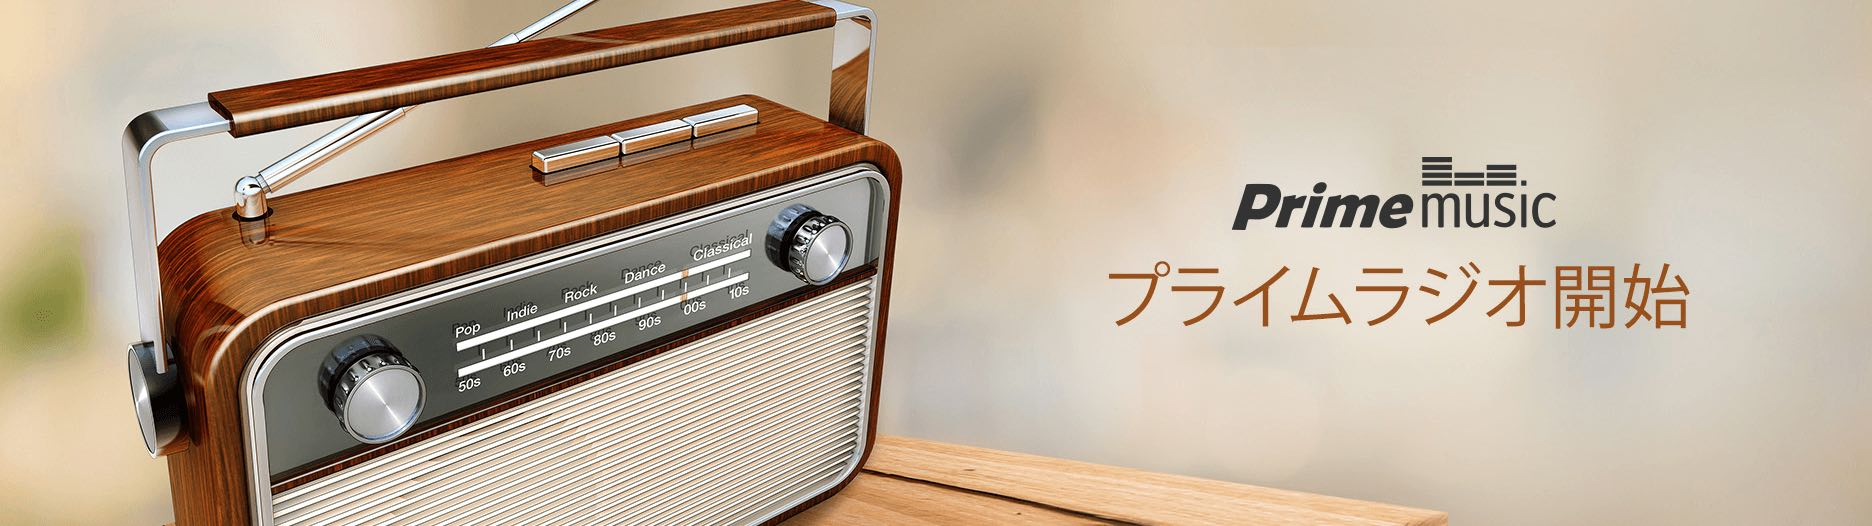 amazon prime radio